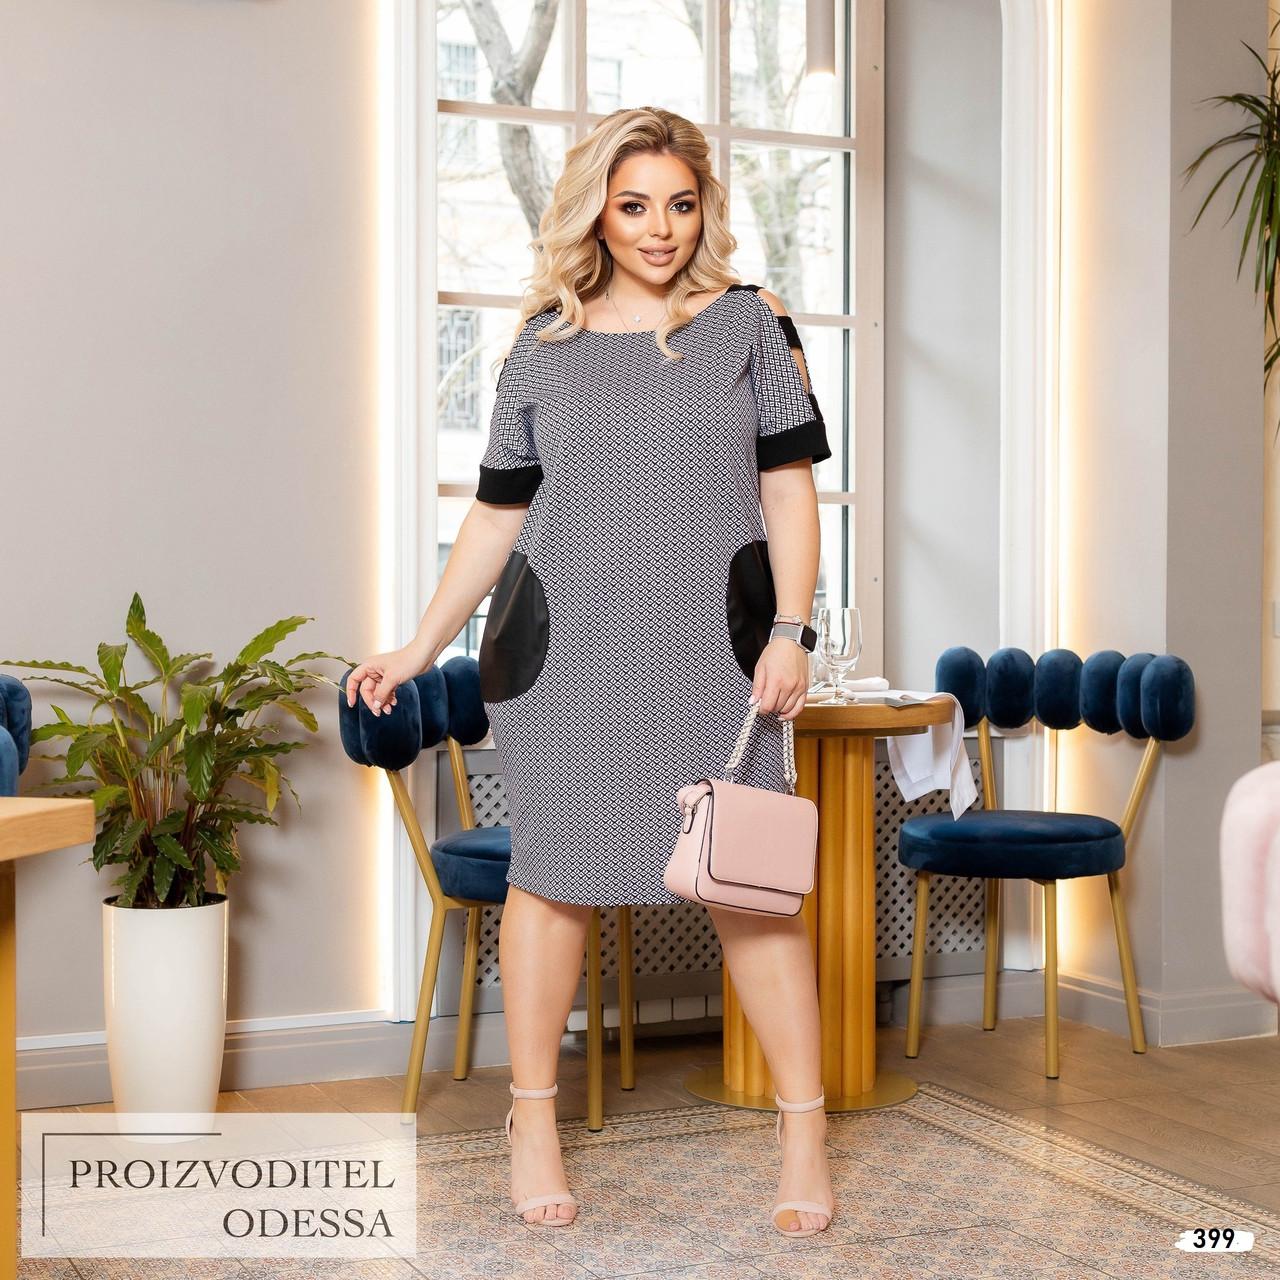 Сукня короткий рукав літній принт трикотаж + еко-шкіра 50-52,54-56,58-60,62-64